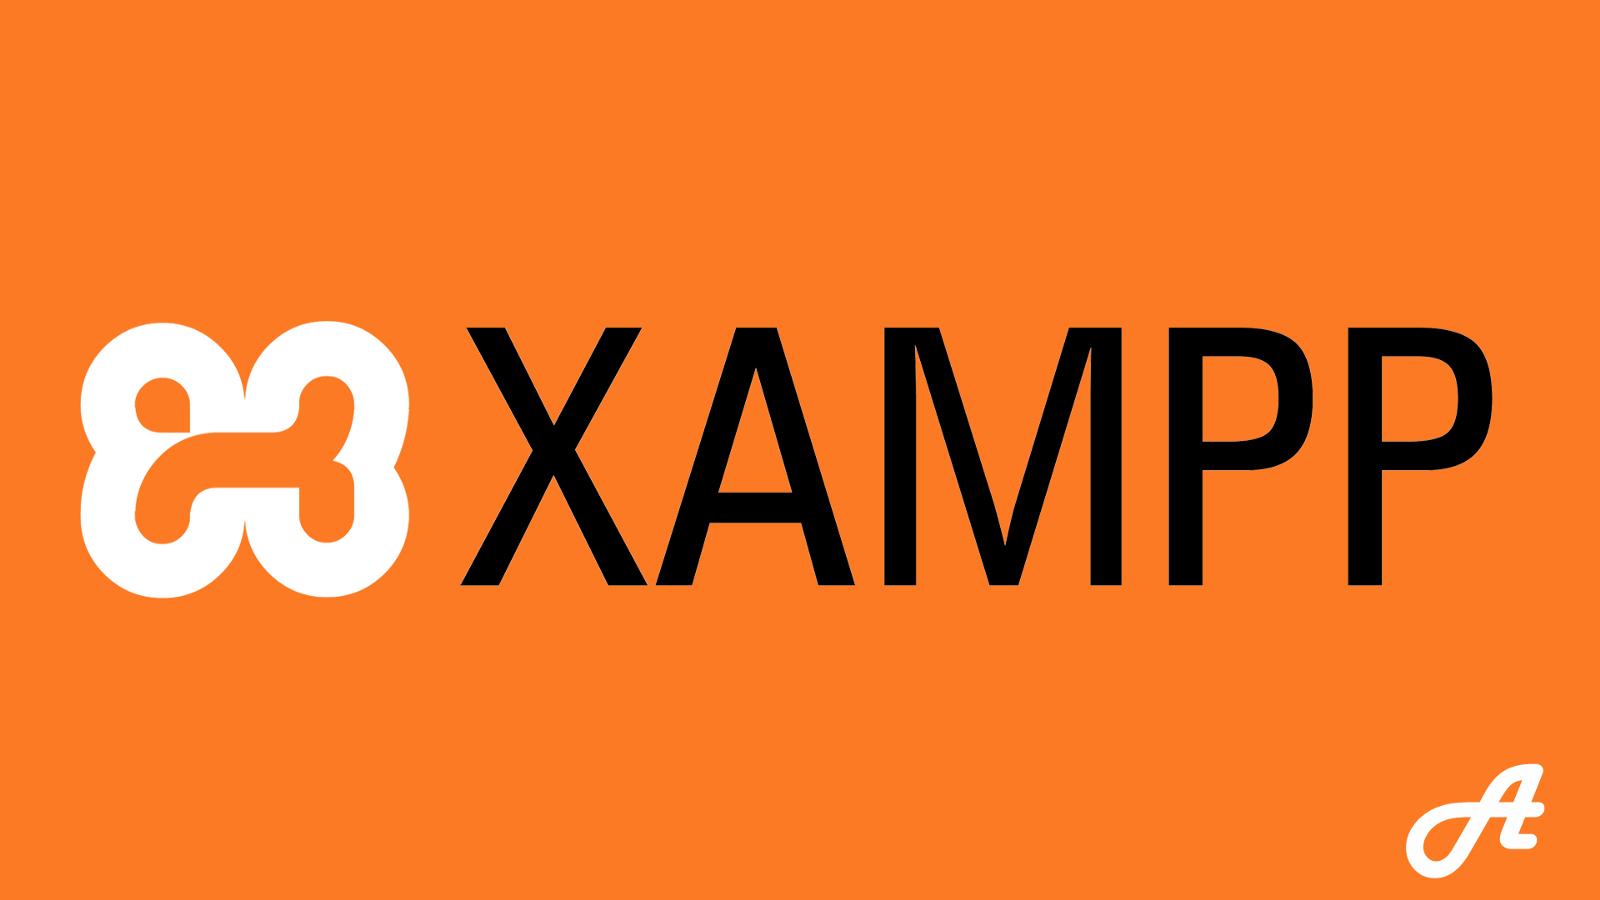 آموزش XAMPP یا زمپ : معرفی ، نصب و راه اندازی